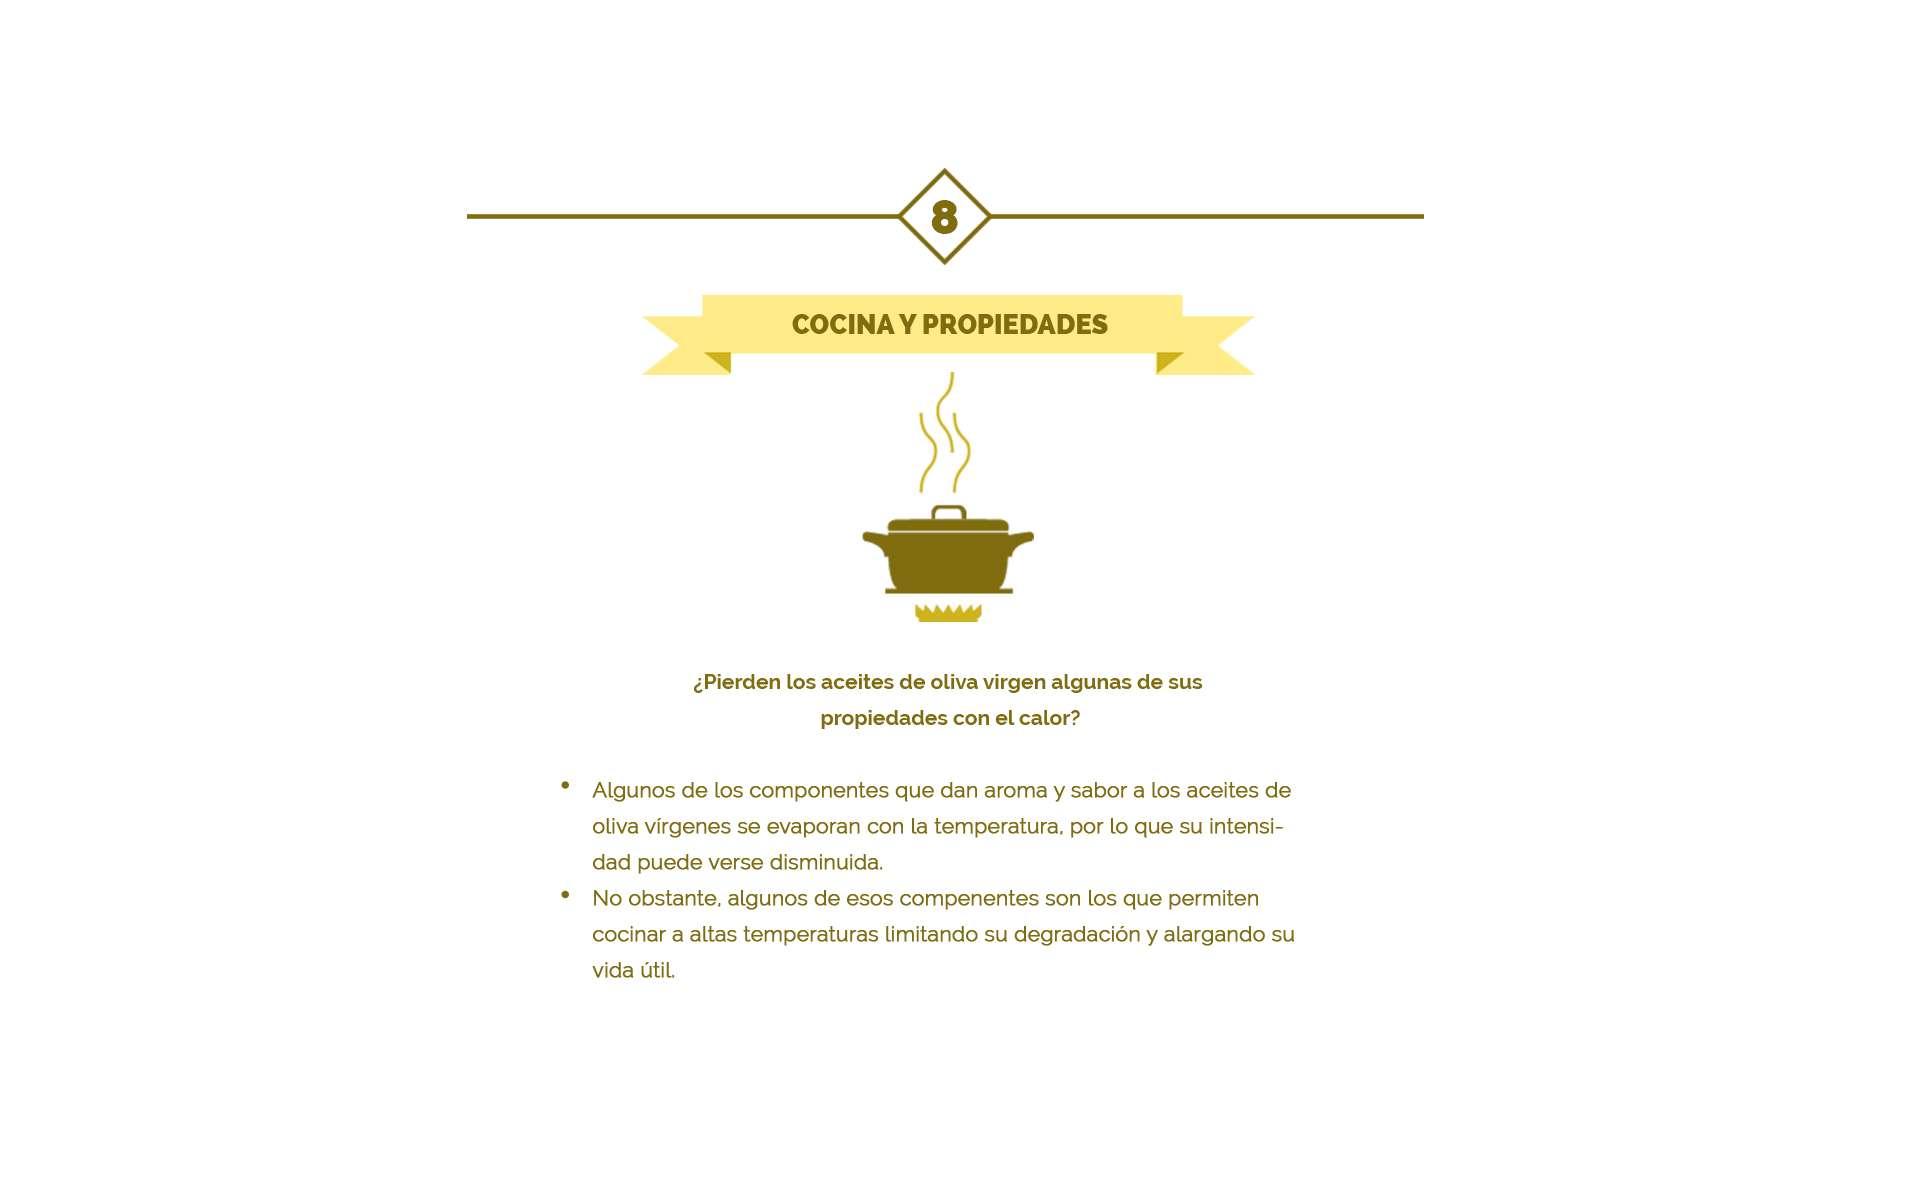 aroma y sabor acite de oliva en cocina